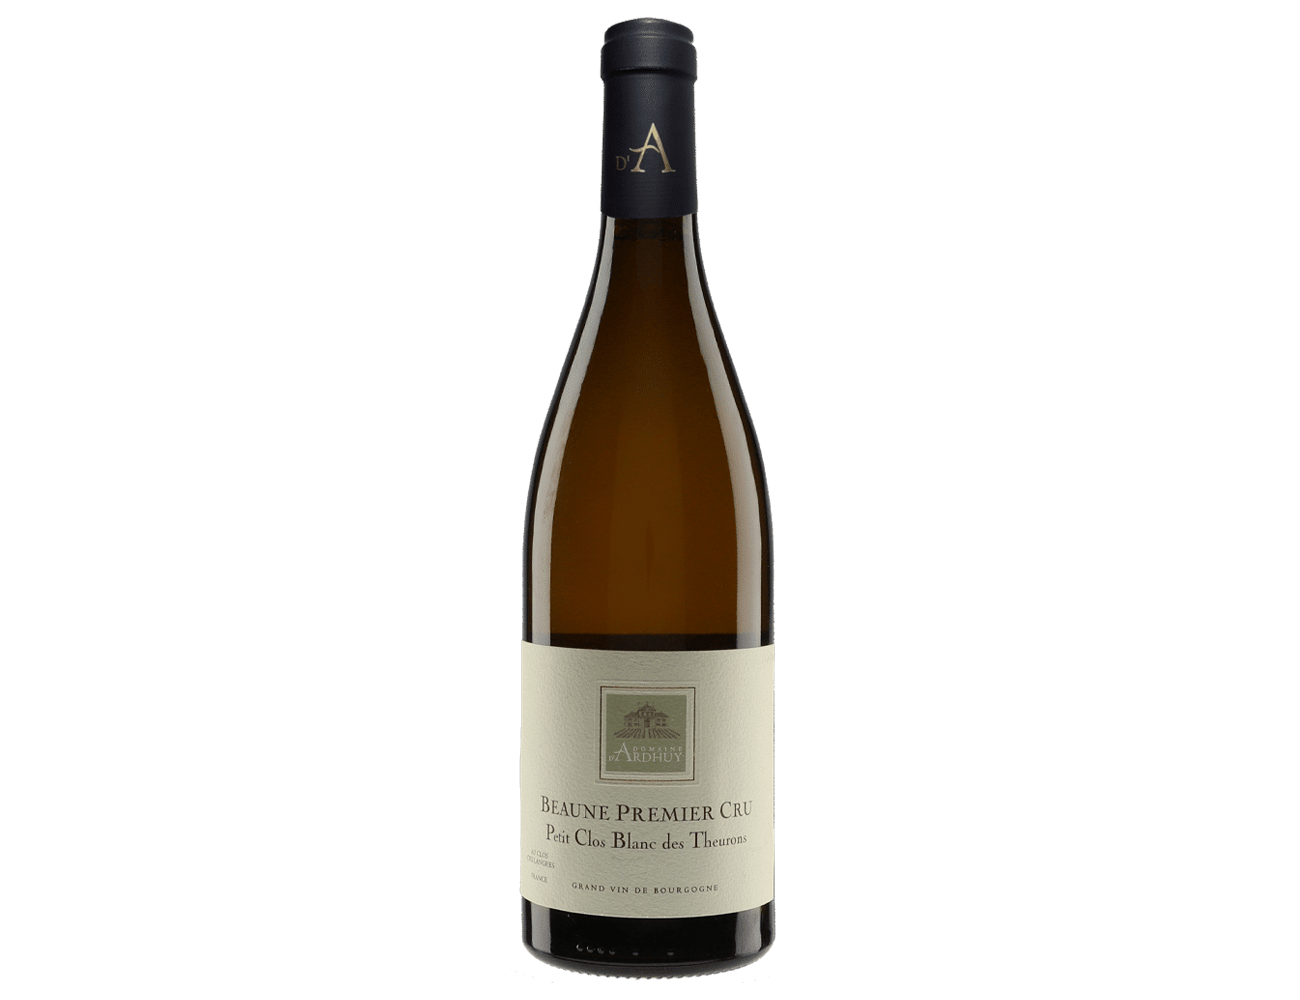 Beaune 1er Cru - Petit Clos Blanc des Theurons - 2018 - Domaine Ardhuy